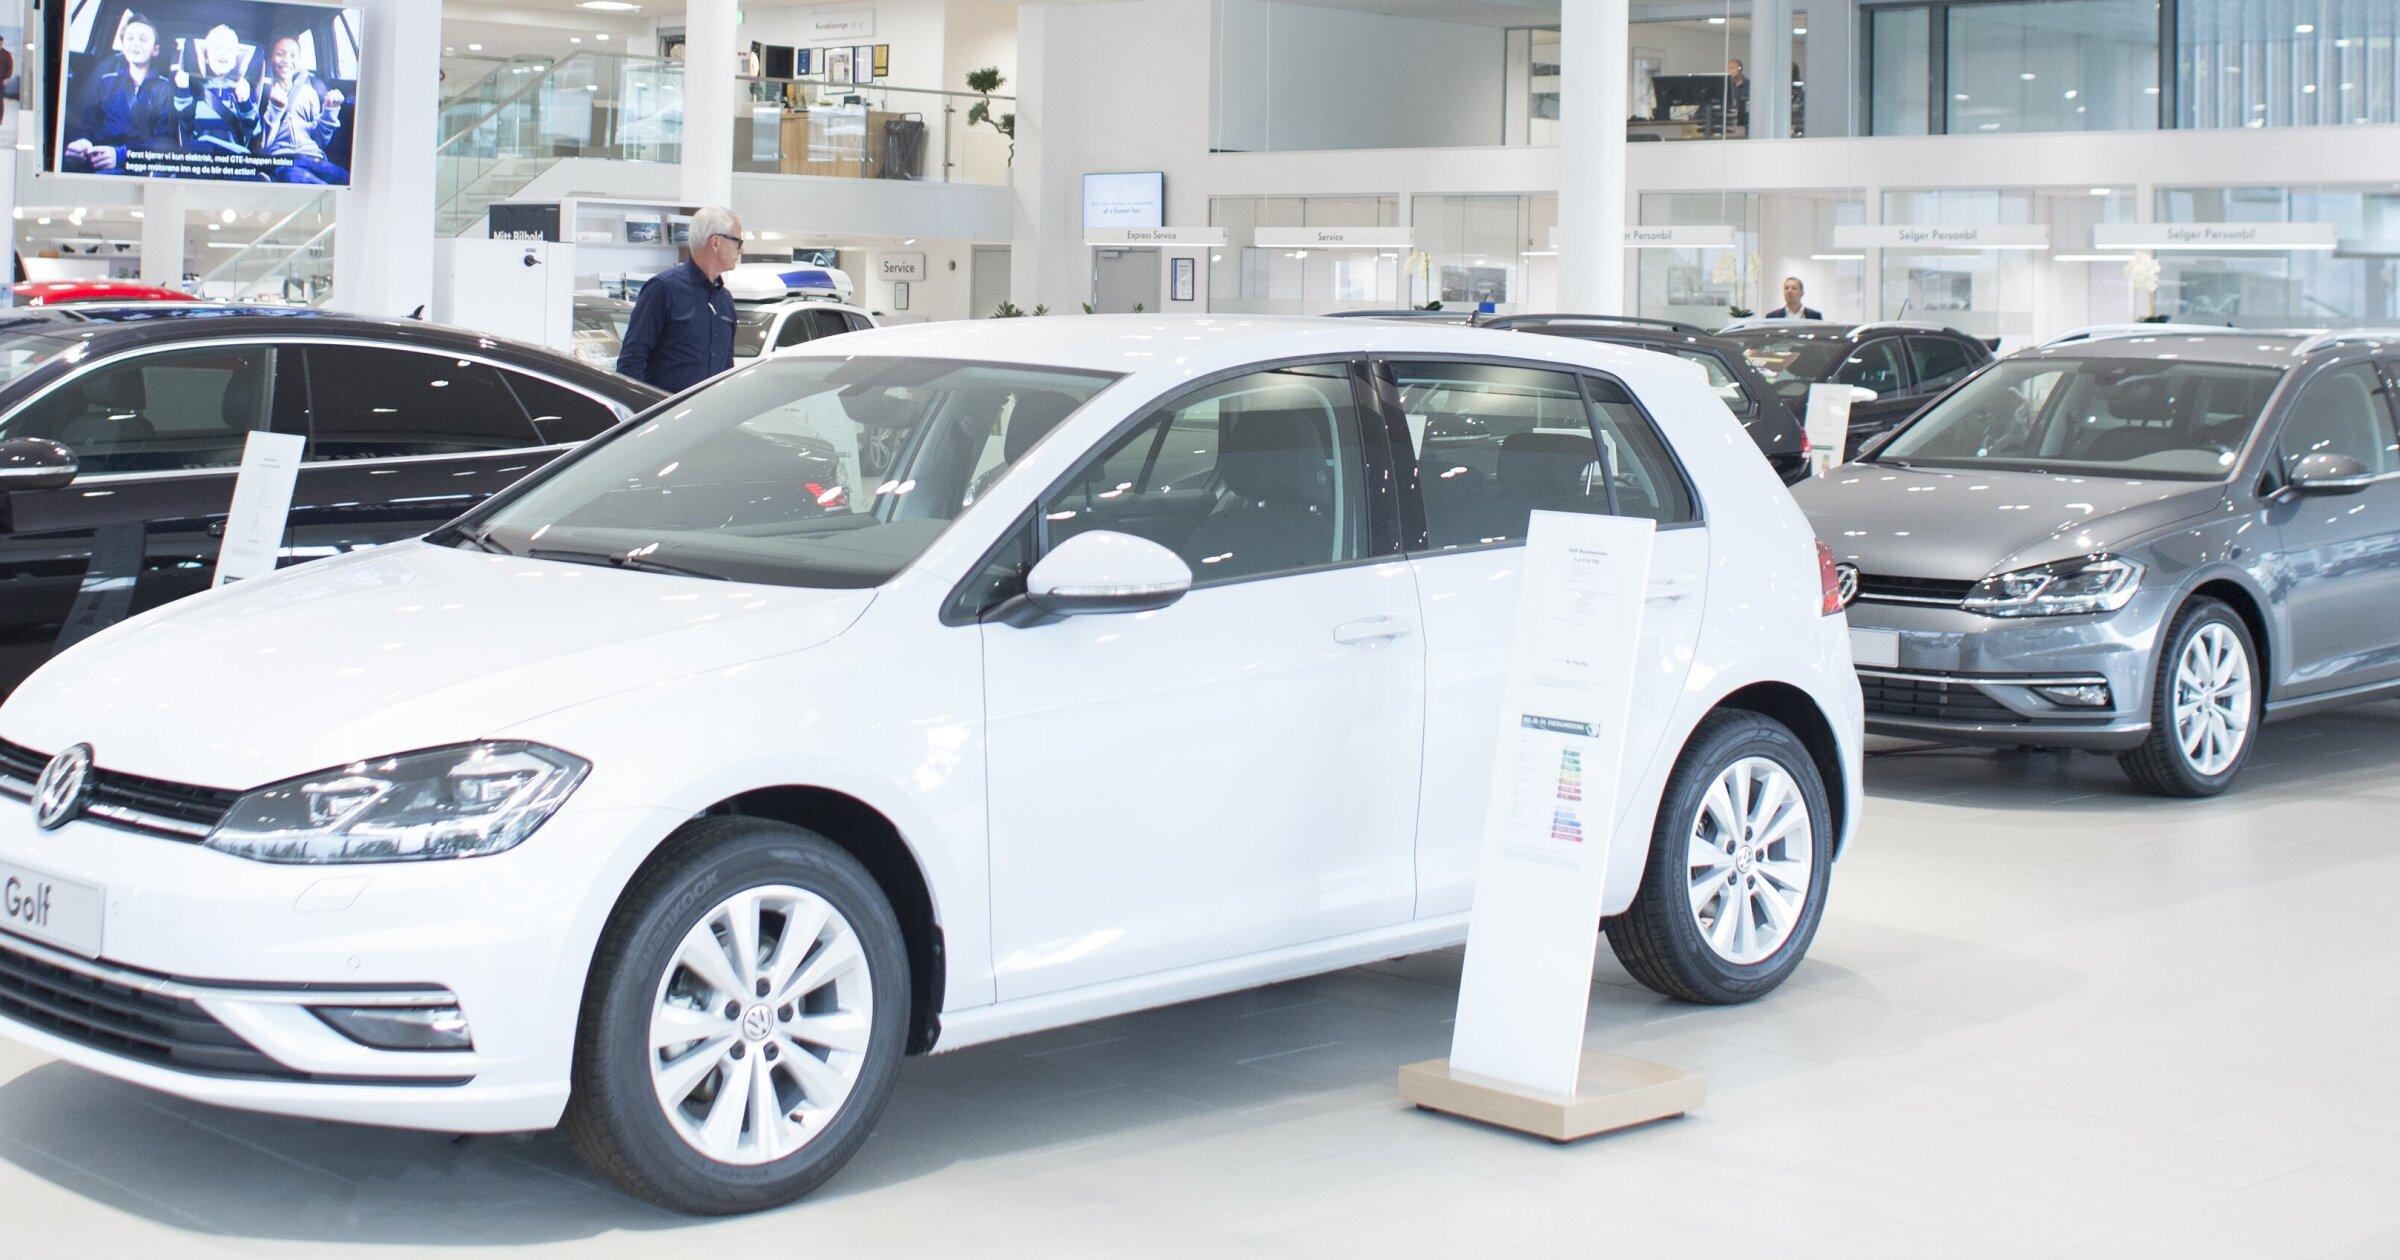 Våre ansatte nybil | Møller Bil Oslo Vest | Volkswagen